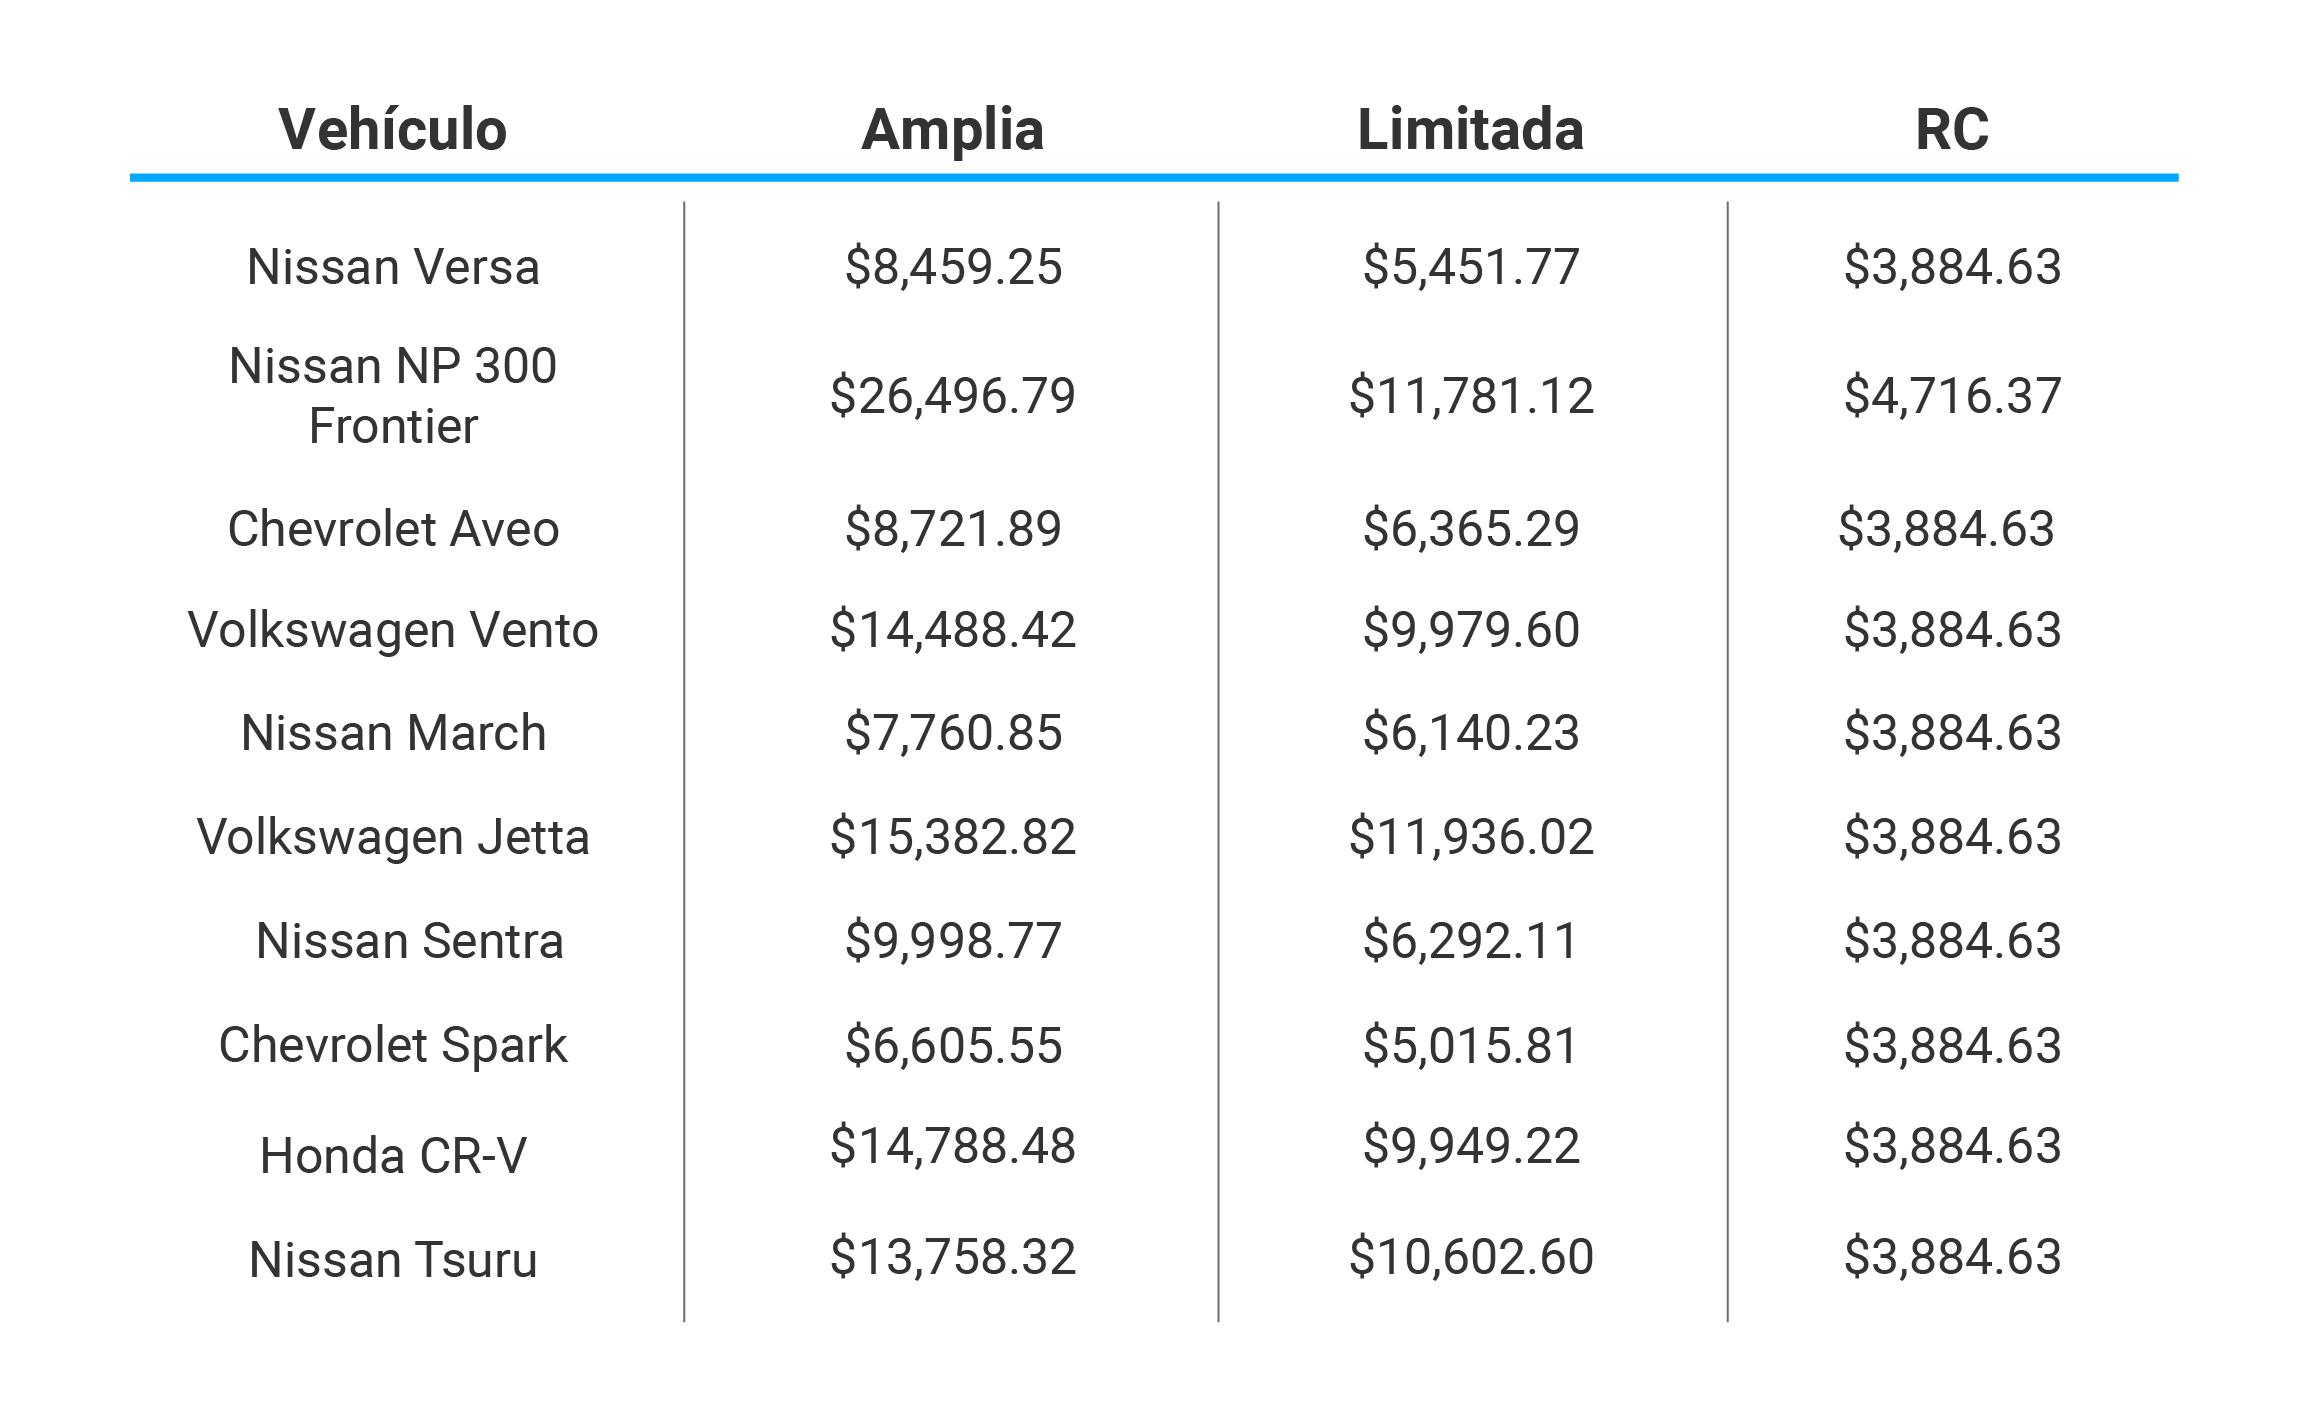 Vehículos más vendidos Seguros El Aguila